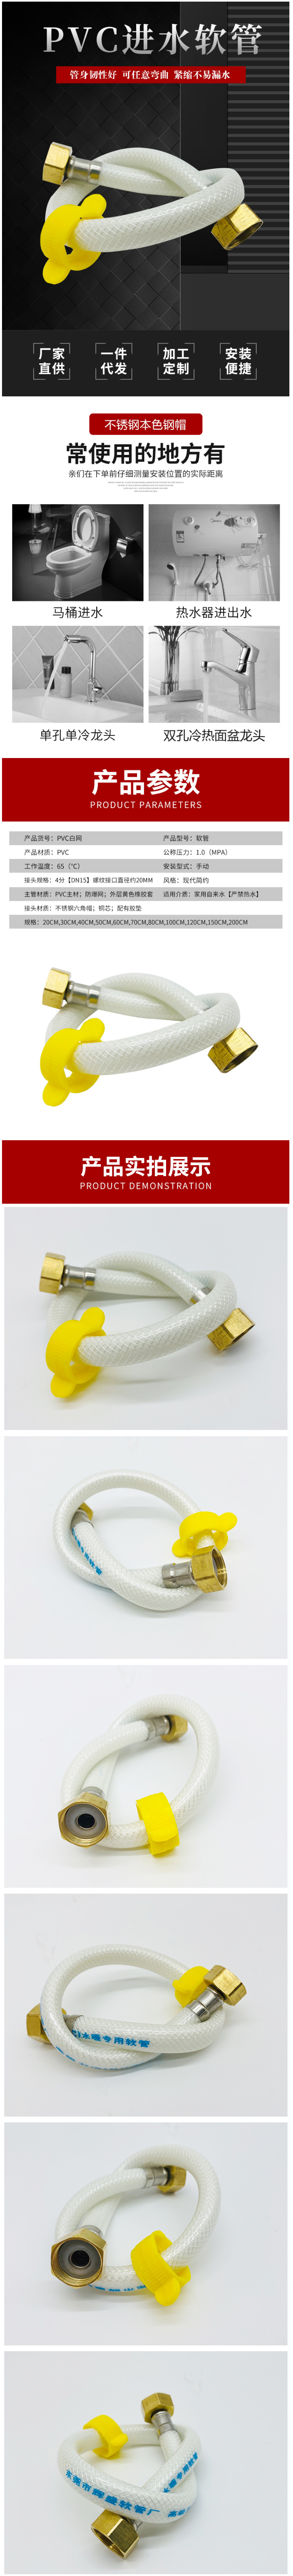 厂家直供白色PVC塑料编织软管 角阀水龙头热水器304螺帽带扳手-阿里巴巴.png